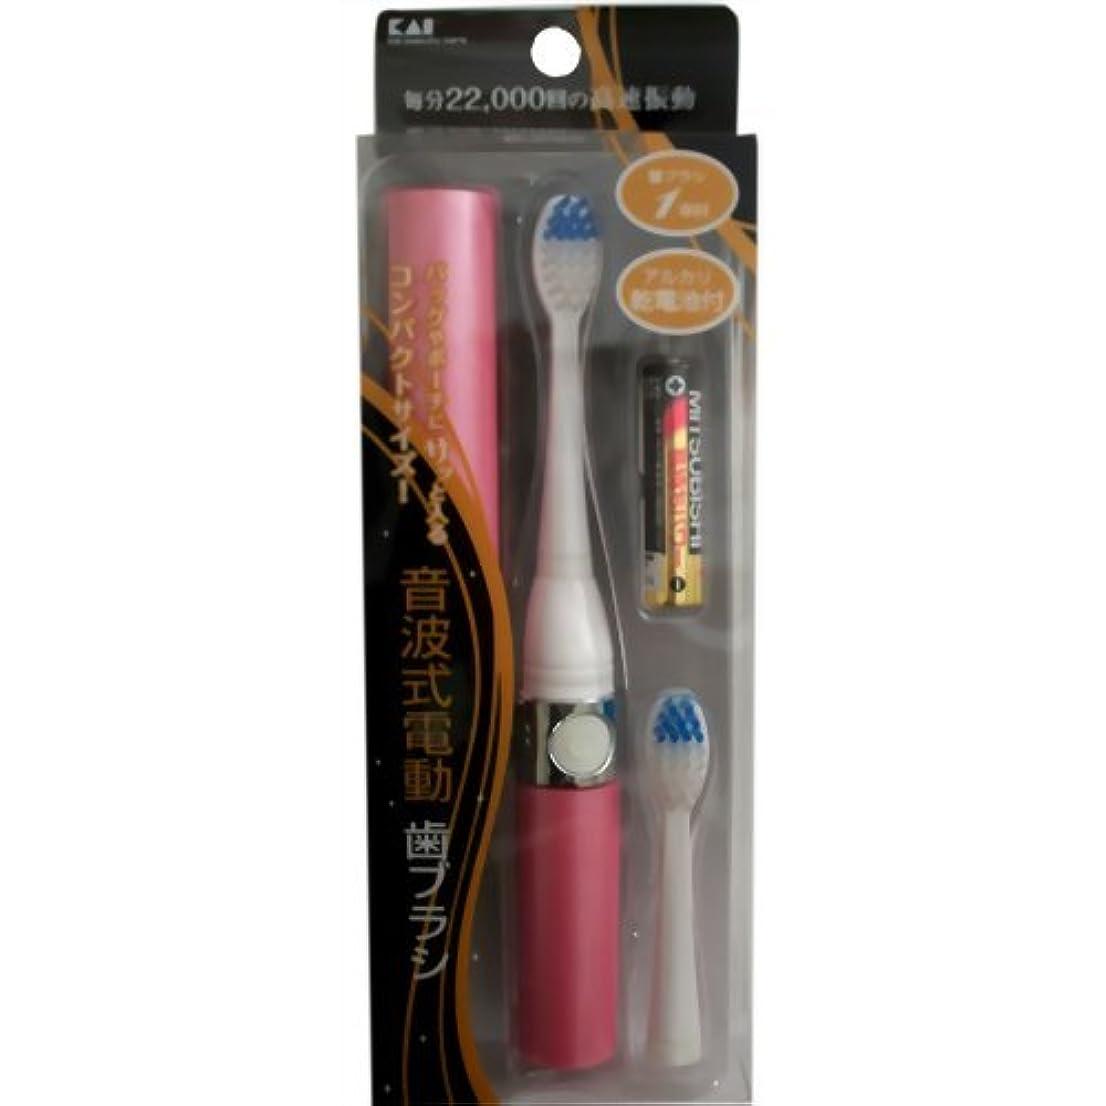 慈悲スイ一節貝印 音波式電動歯ブラシ ピンク 電池付 KQ0396